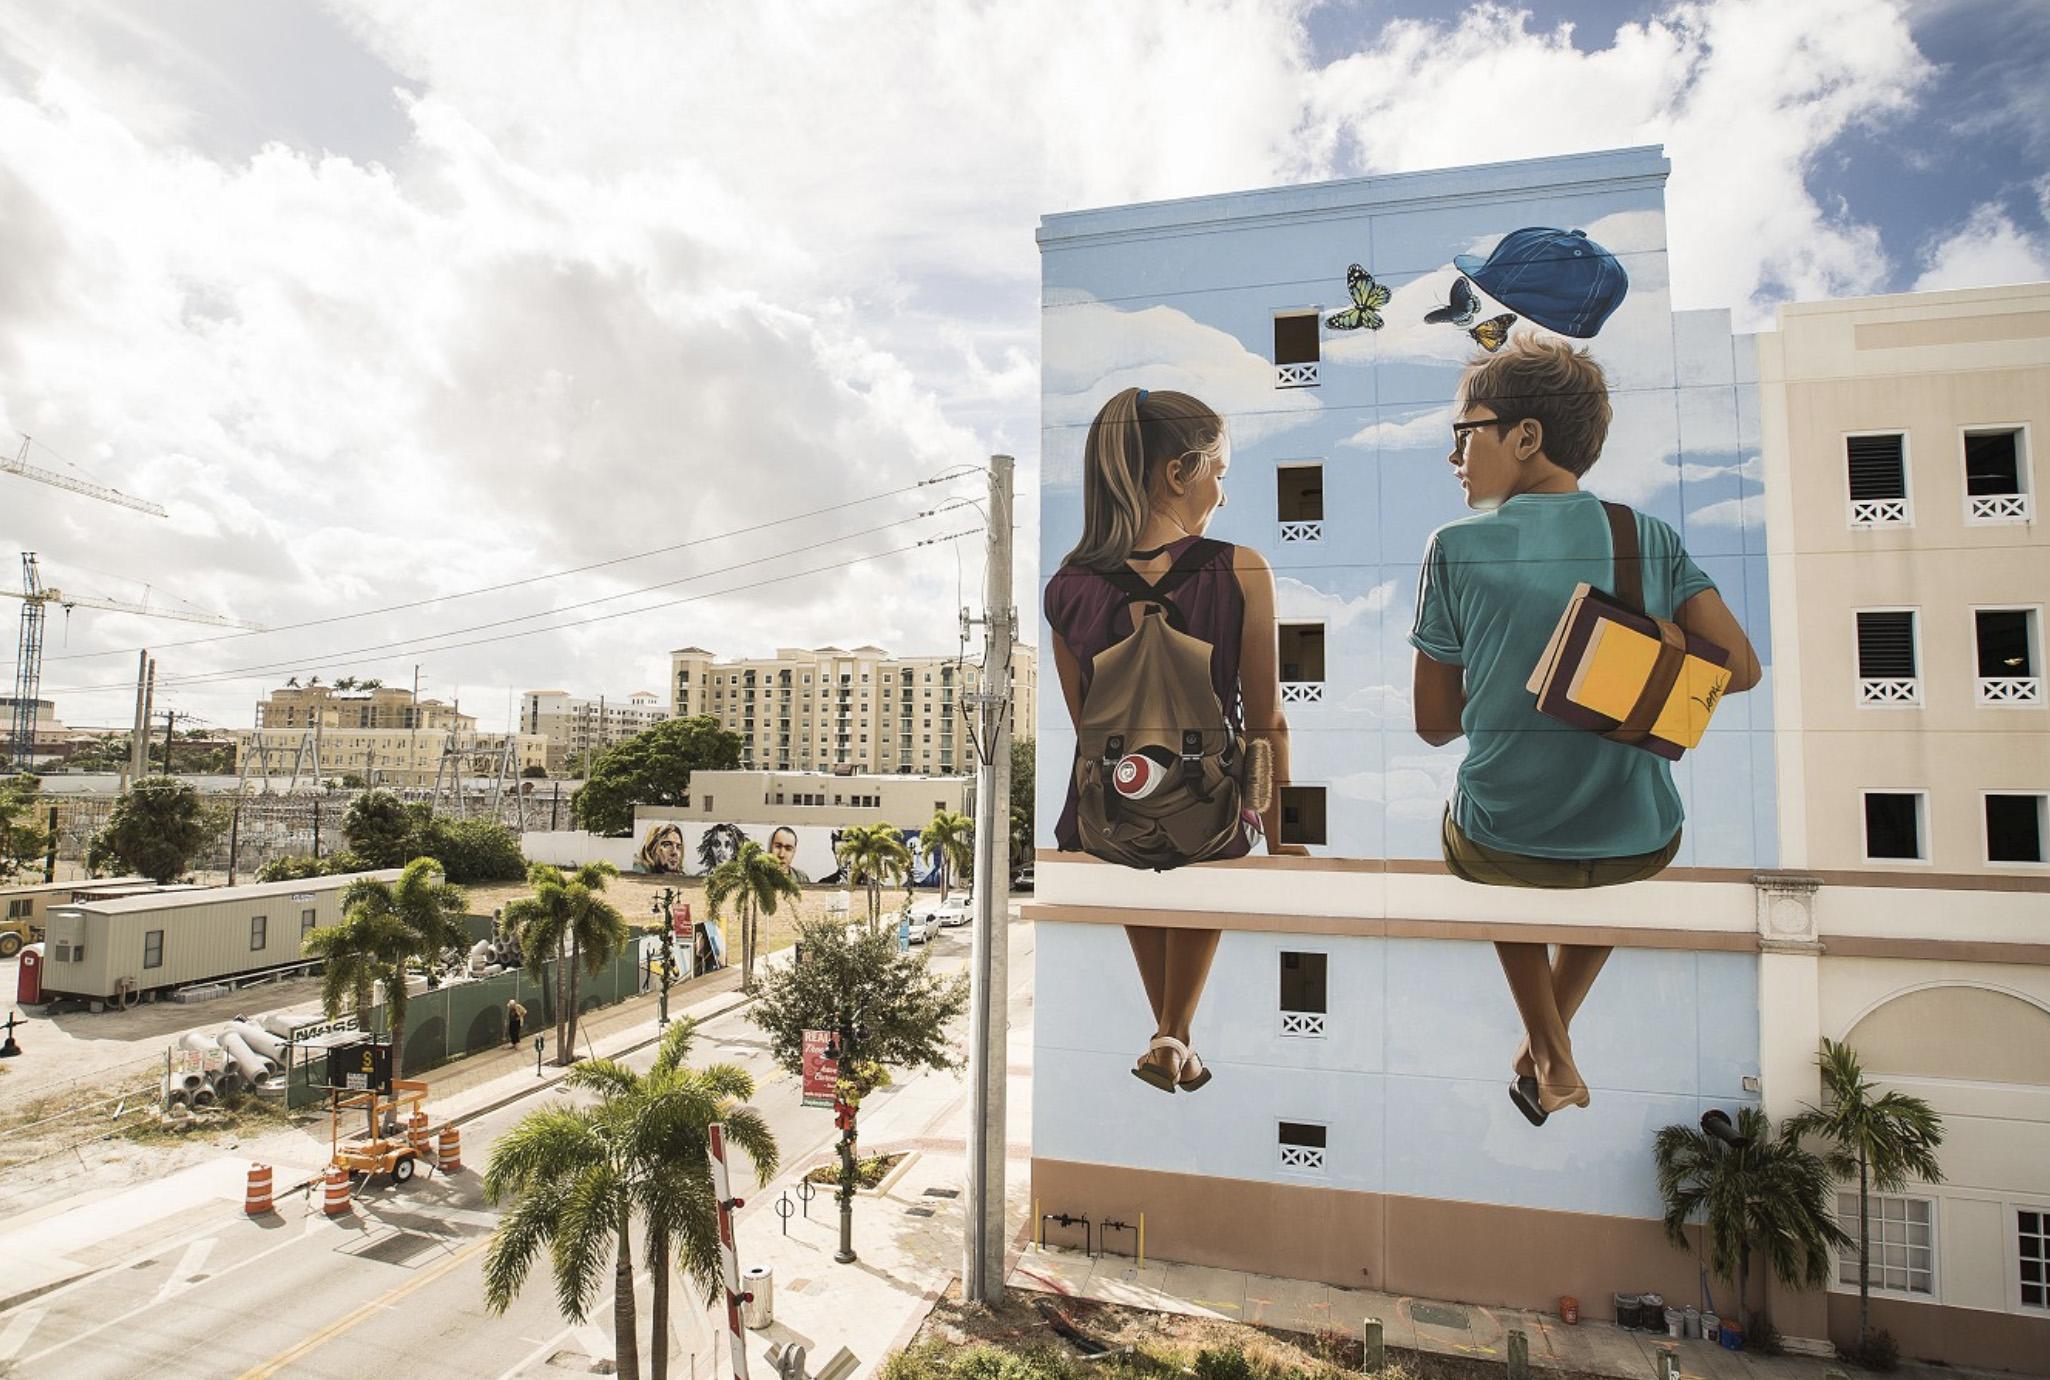 Top 15 dos Murais sobre Crianças Artes & contextos Lonac